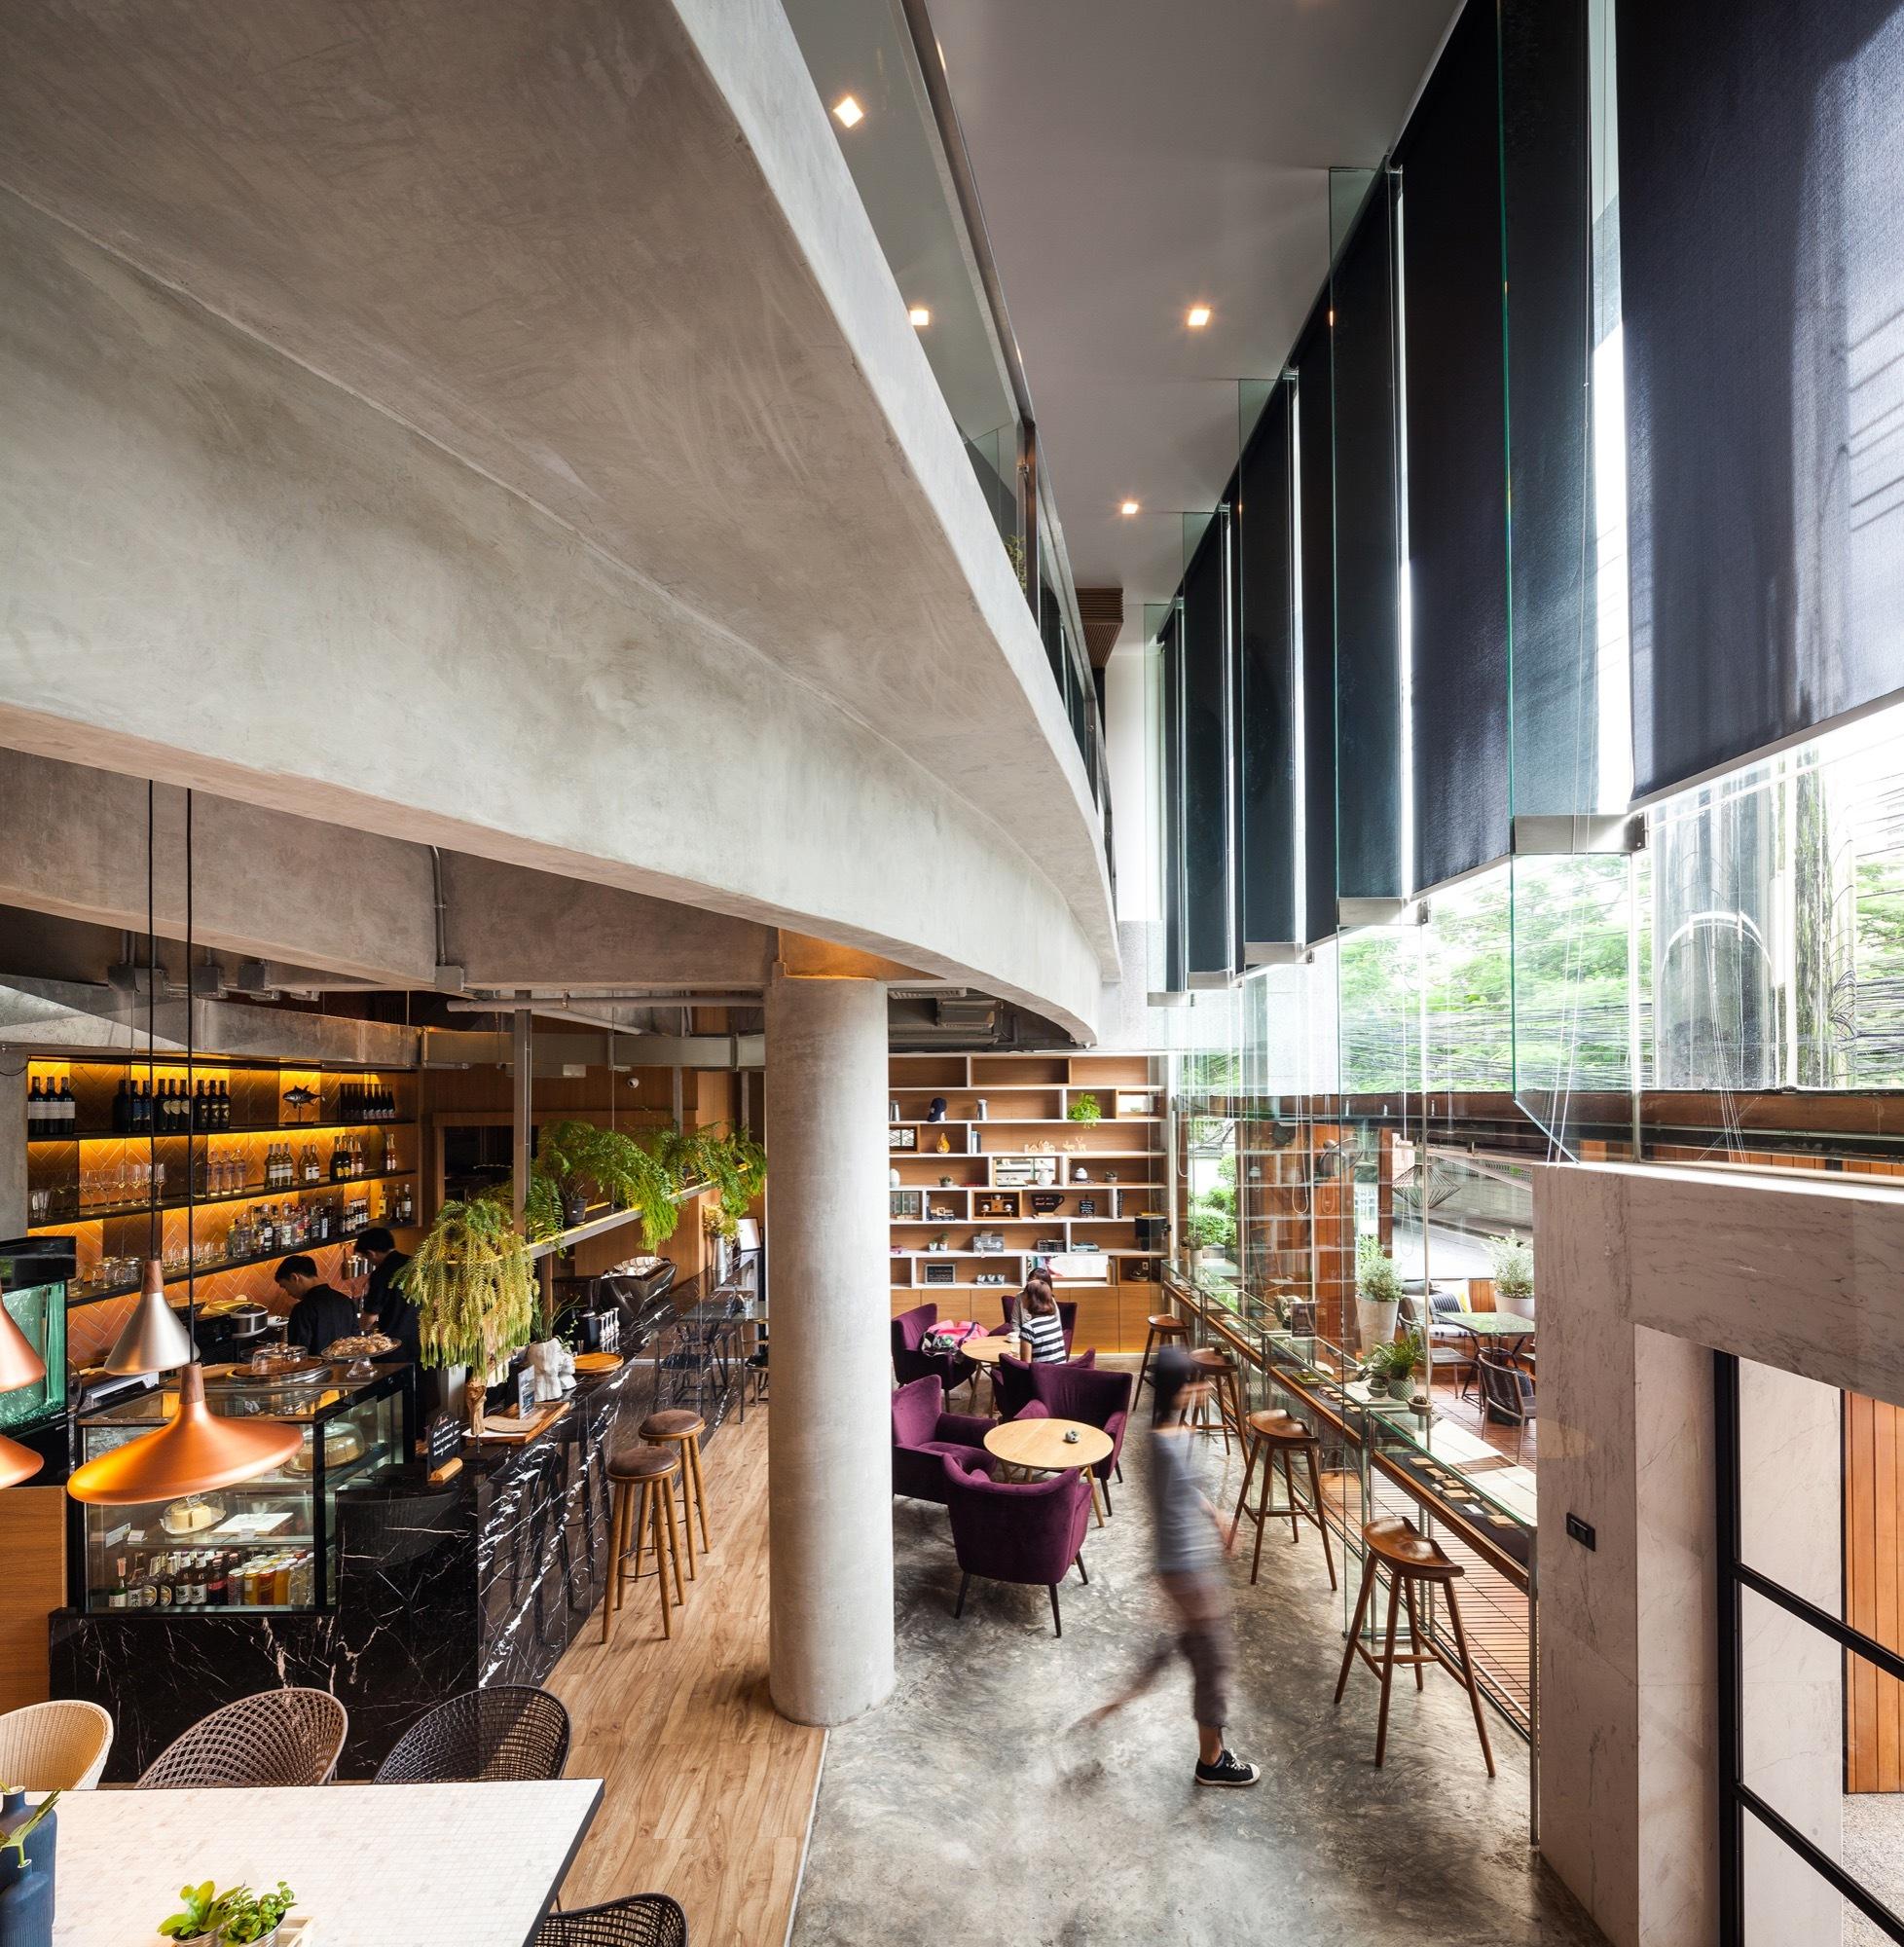 Storyline Cafe / Junsekino Architect And Design